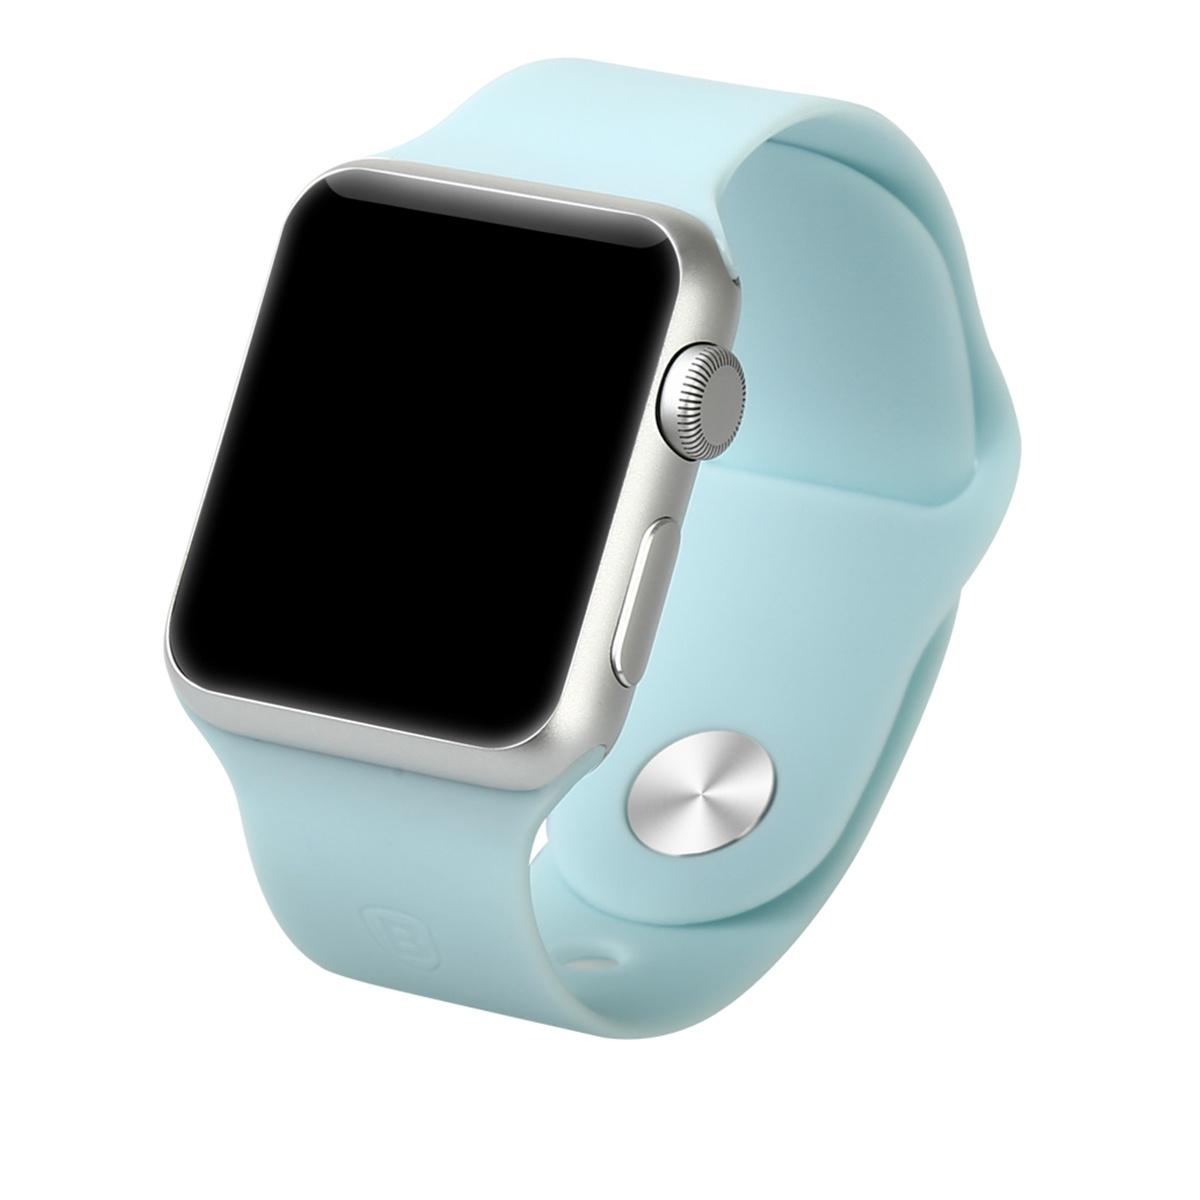 Фото - Ремешок для смарт-часов Aceshley Luxe Blue 42, 12392, голубой ремешок для смарт часов semolina ремешок силиконовый для apple watch 42 мм gx28 оранжевый оранжевый